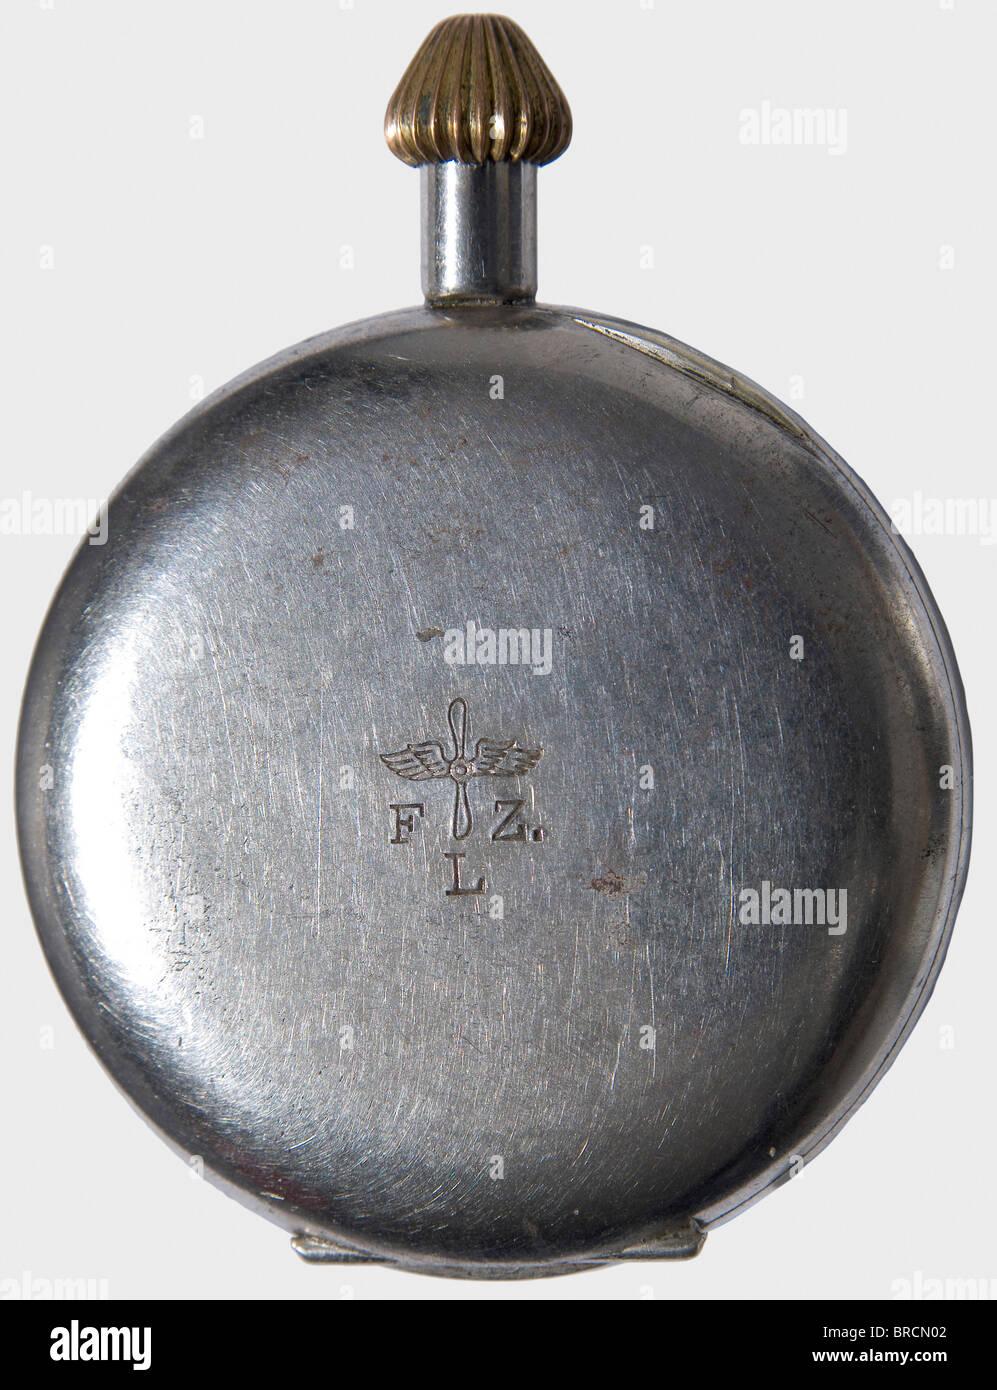 Manfred Freiherr von Richthofen (1892 - 1918) - an aviator watch in a propeller segment., Iron case, the crown at - Stock Image